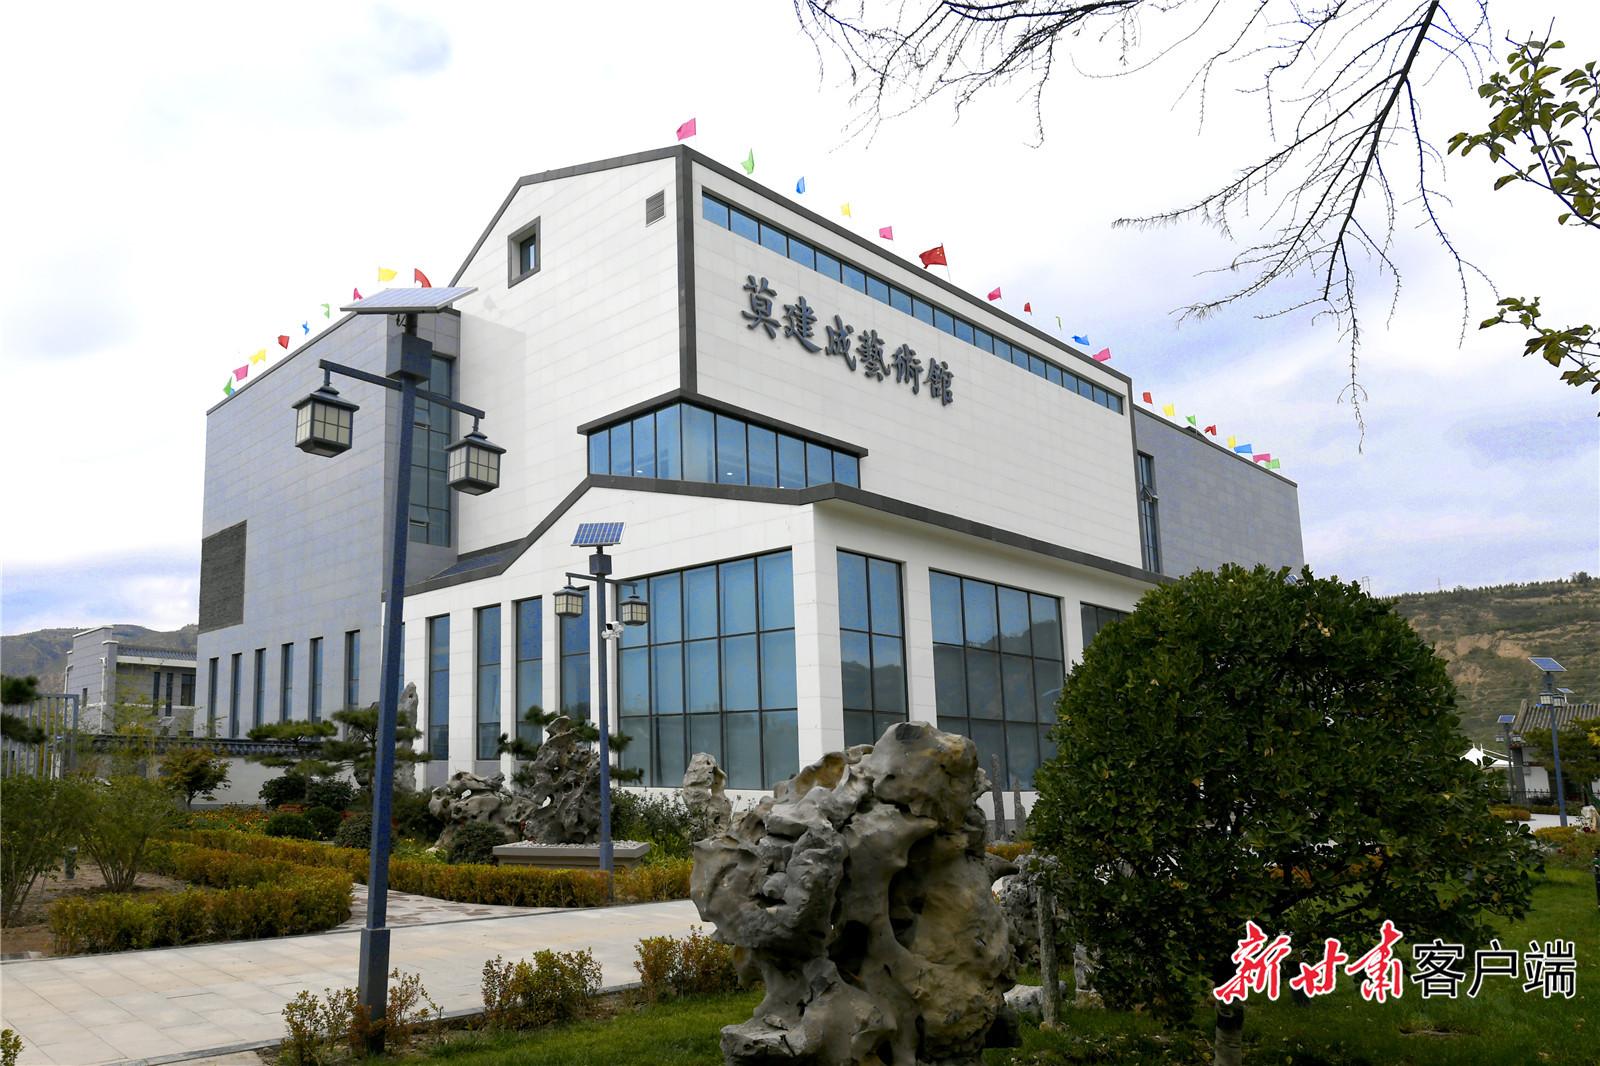 莫建成艺术博物馆在甘肃陇西隆重开馆